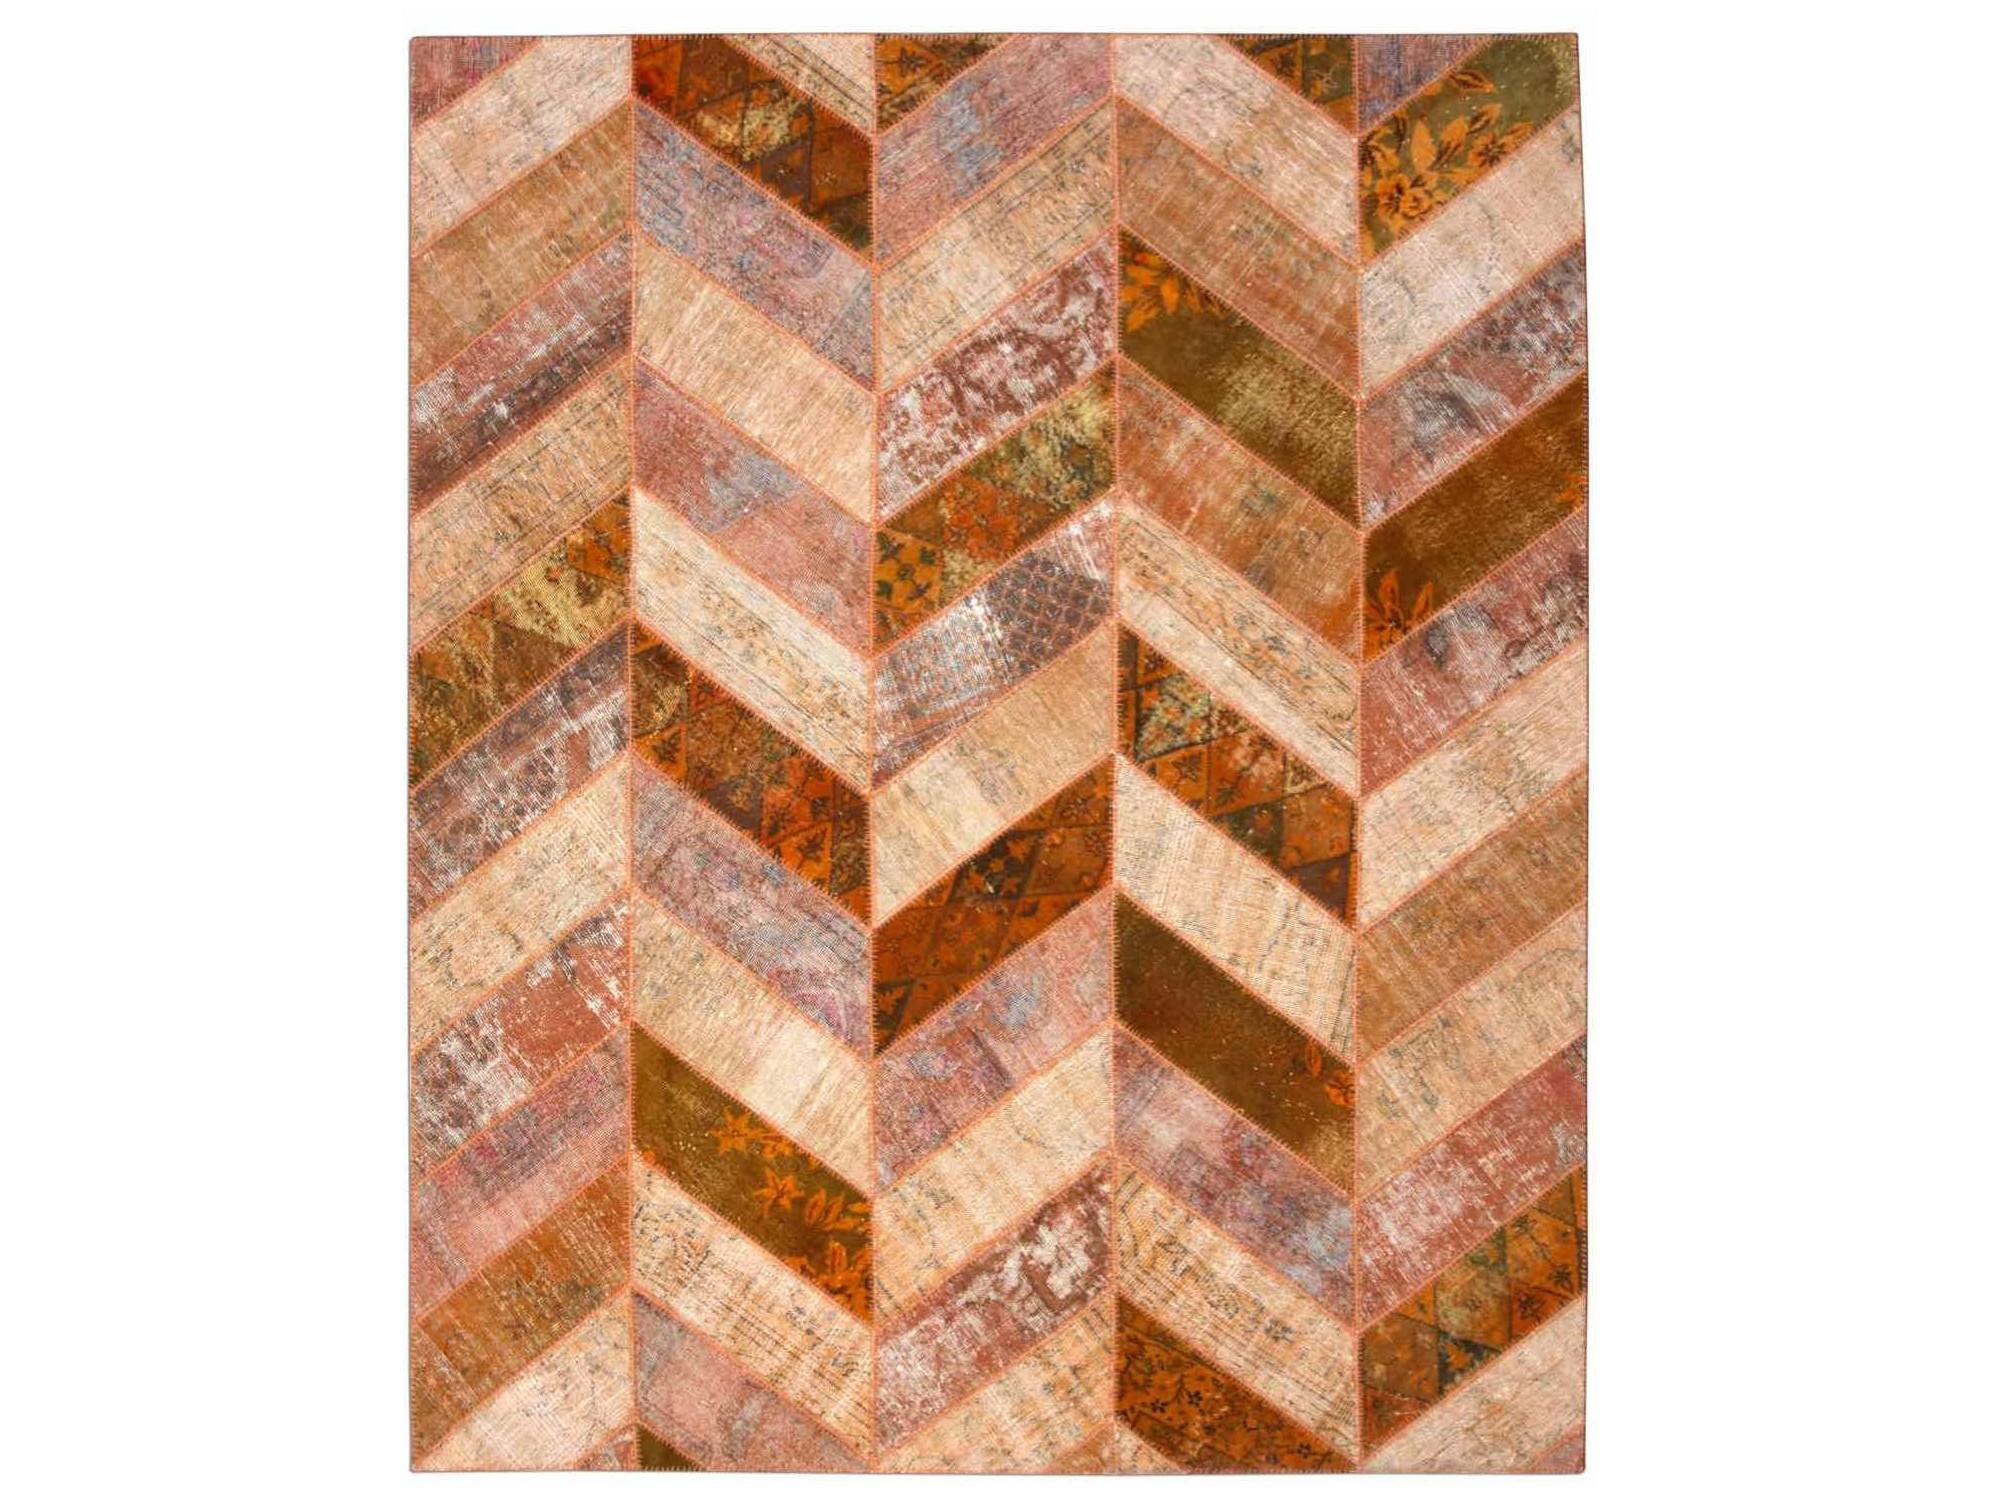 Ковер PatchworkПрямоугольные ковры<br>Винтажный ковер ручной работы в стиле &amp;quot;пэчворк&amp;quot; <br>из 100% шерсти. Ковер прекрасно подходит в <br>любые современные и классические интерьеры, <br>а благодаря толщине ковра всего 5 мм. и отсутствию <br>ворса, его легко чистить любыми видами пылесосов. <br>Этот настоящий ковер ручной работы не потеряет <br>своих красок и будет служить десятилетия.<br><br>Material: Шерсть<br>Width см: 249<br>Depth см: 308